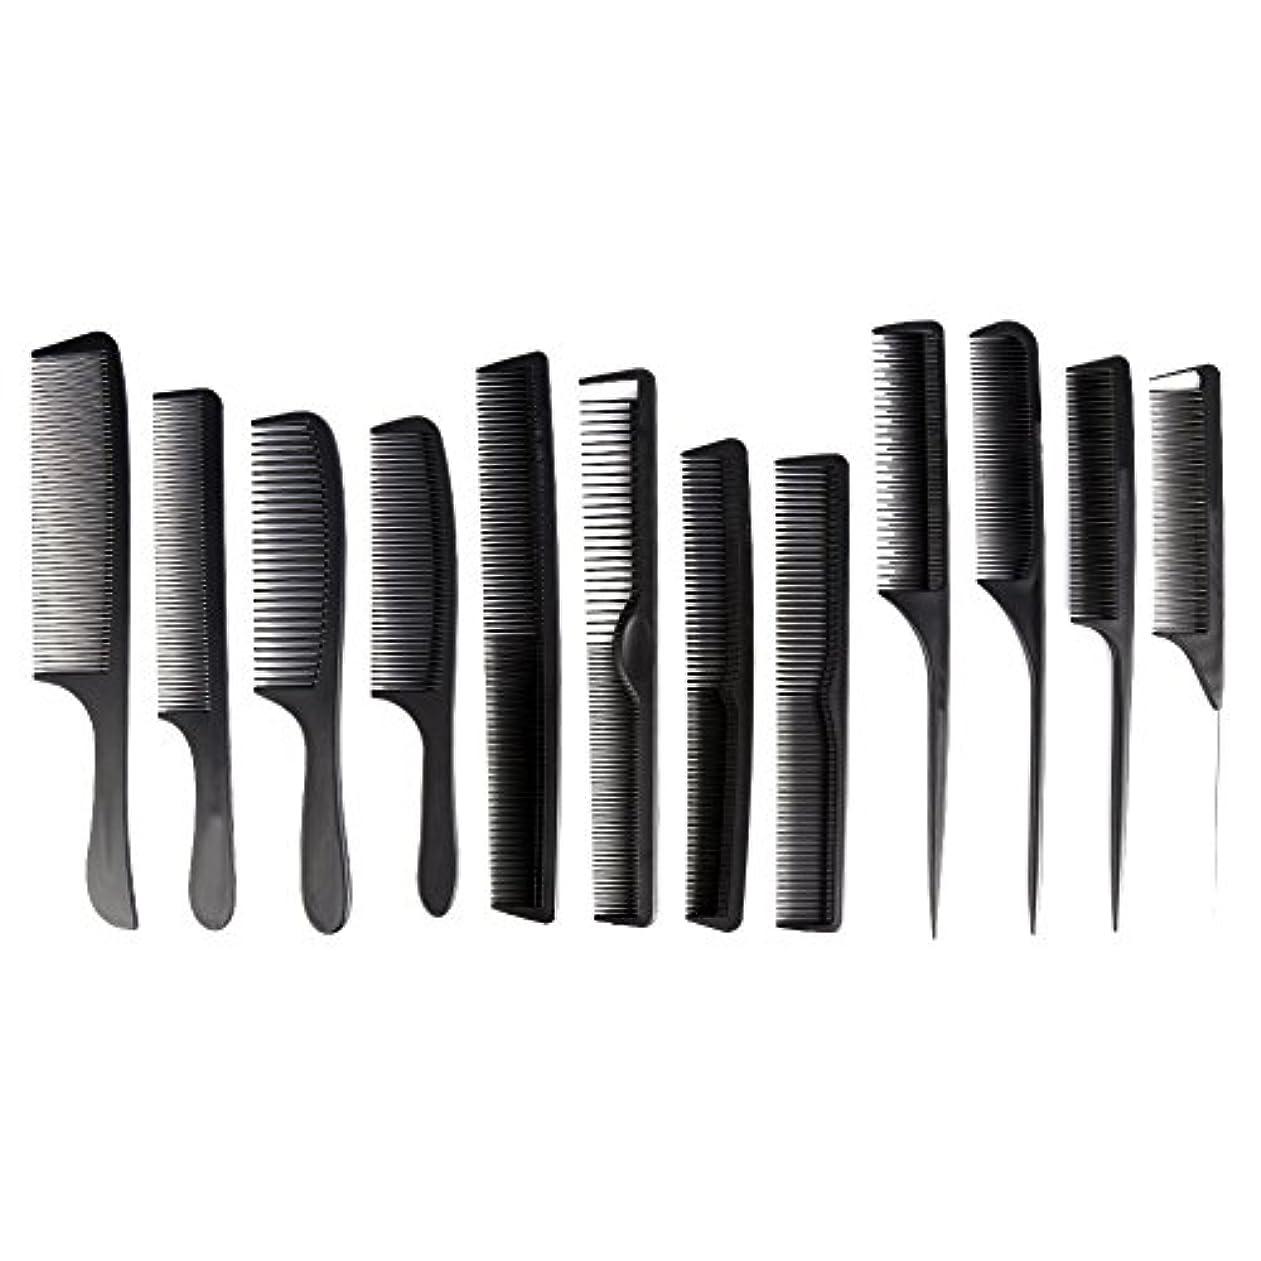 シャッフル買い手争いカットコーム 散髪用コーム コームセット12点セット プロ用ヘアコーム  静電気減少 軽量 サロン/美容室/床屋など適用